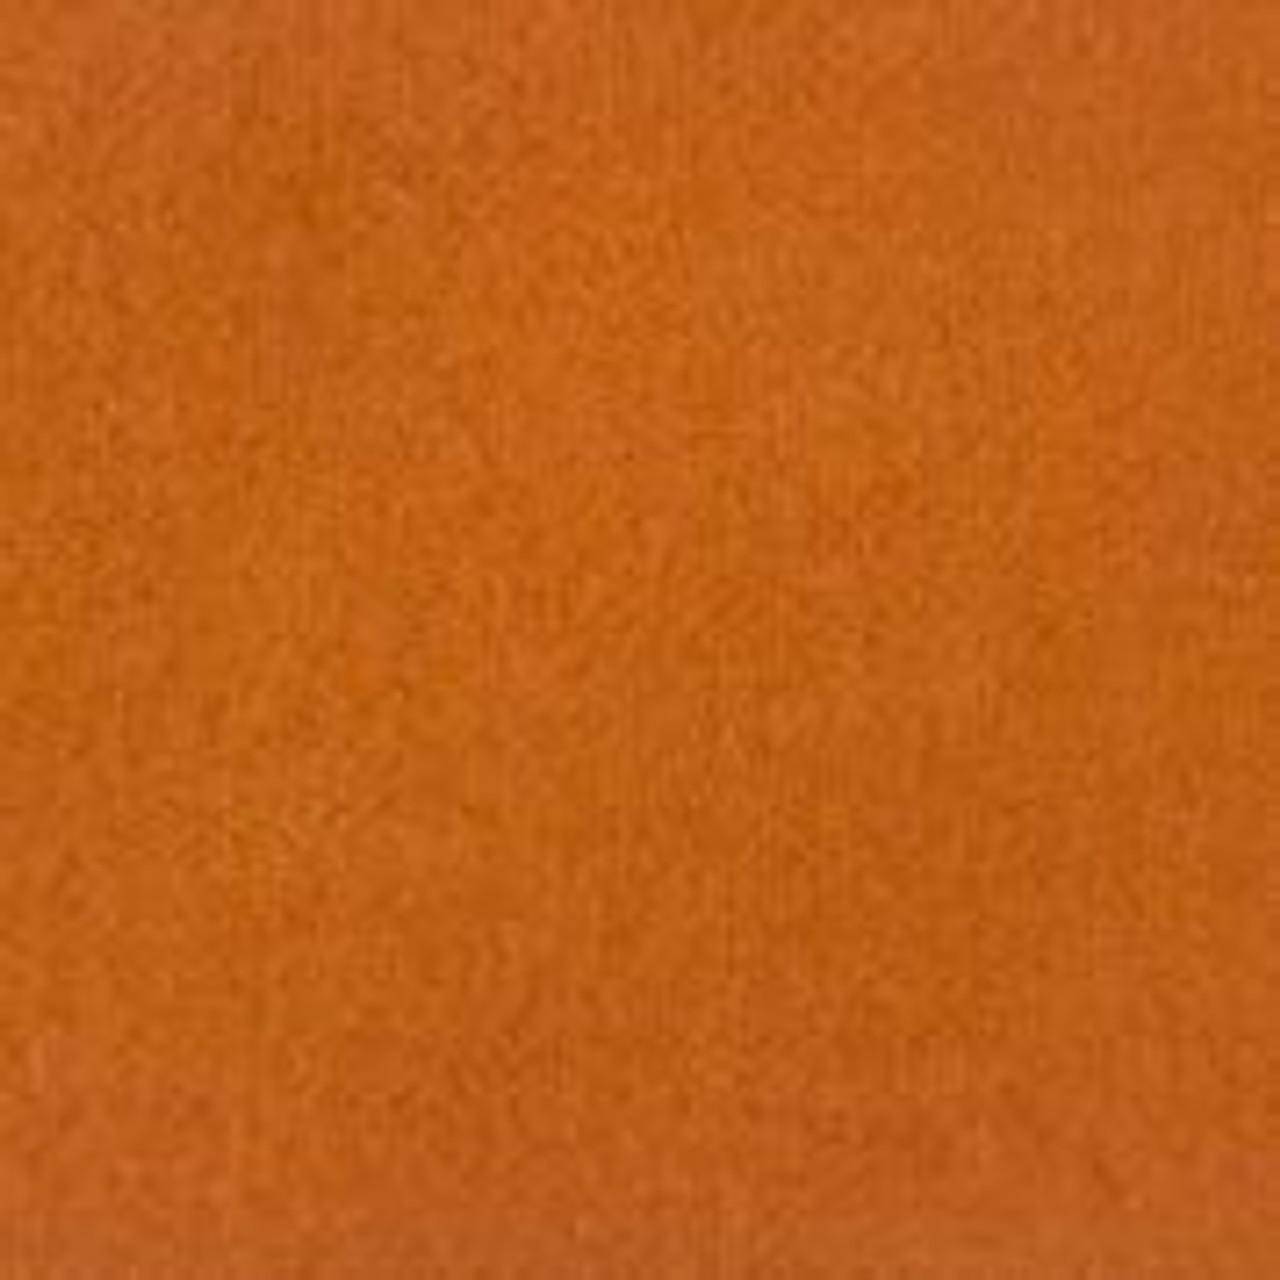 Hand Dyed Wool: Pumpkin